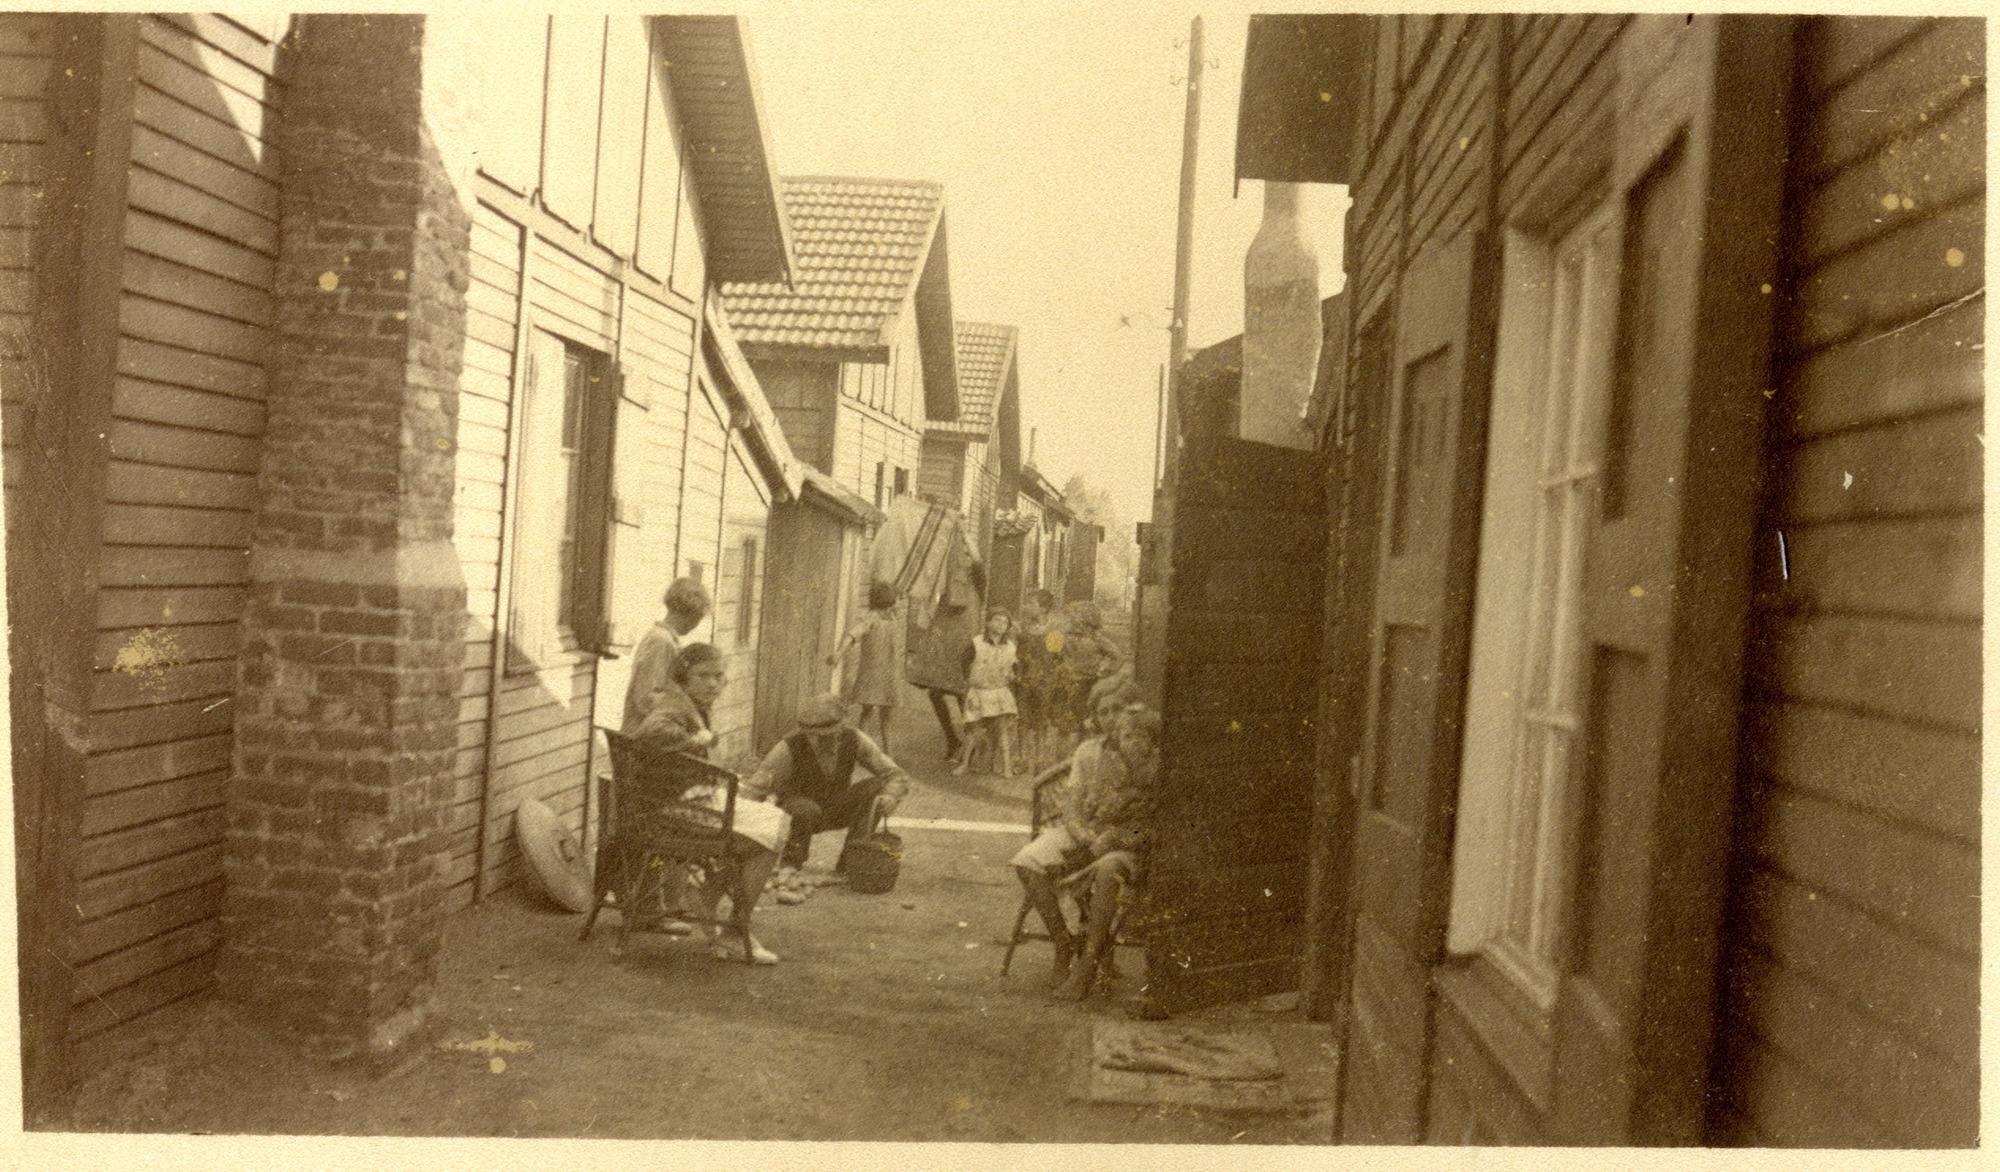 De barakken van Mijlbeke, jaren 1920-1930